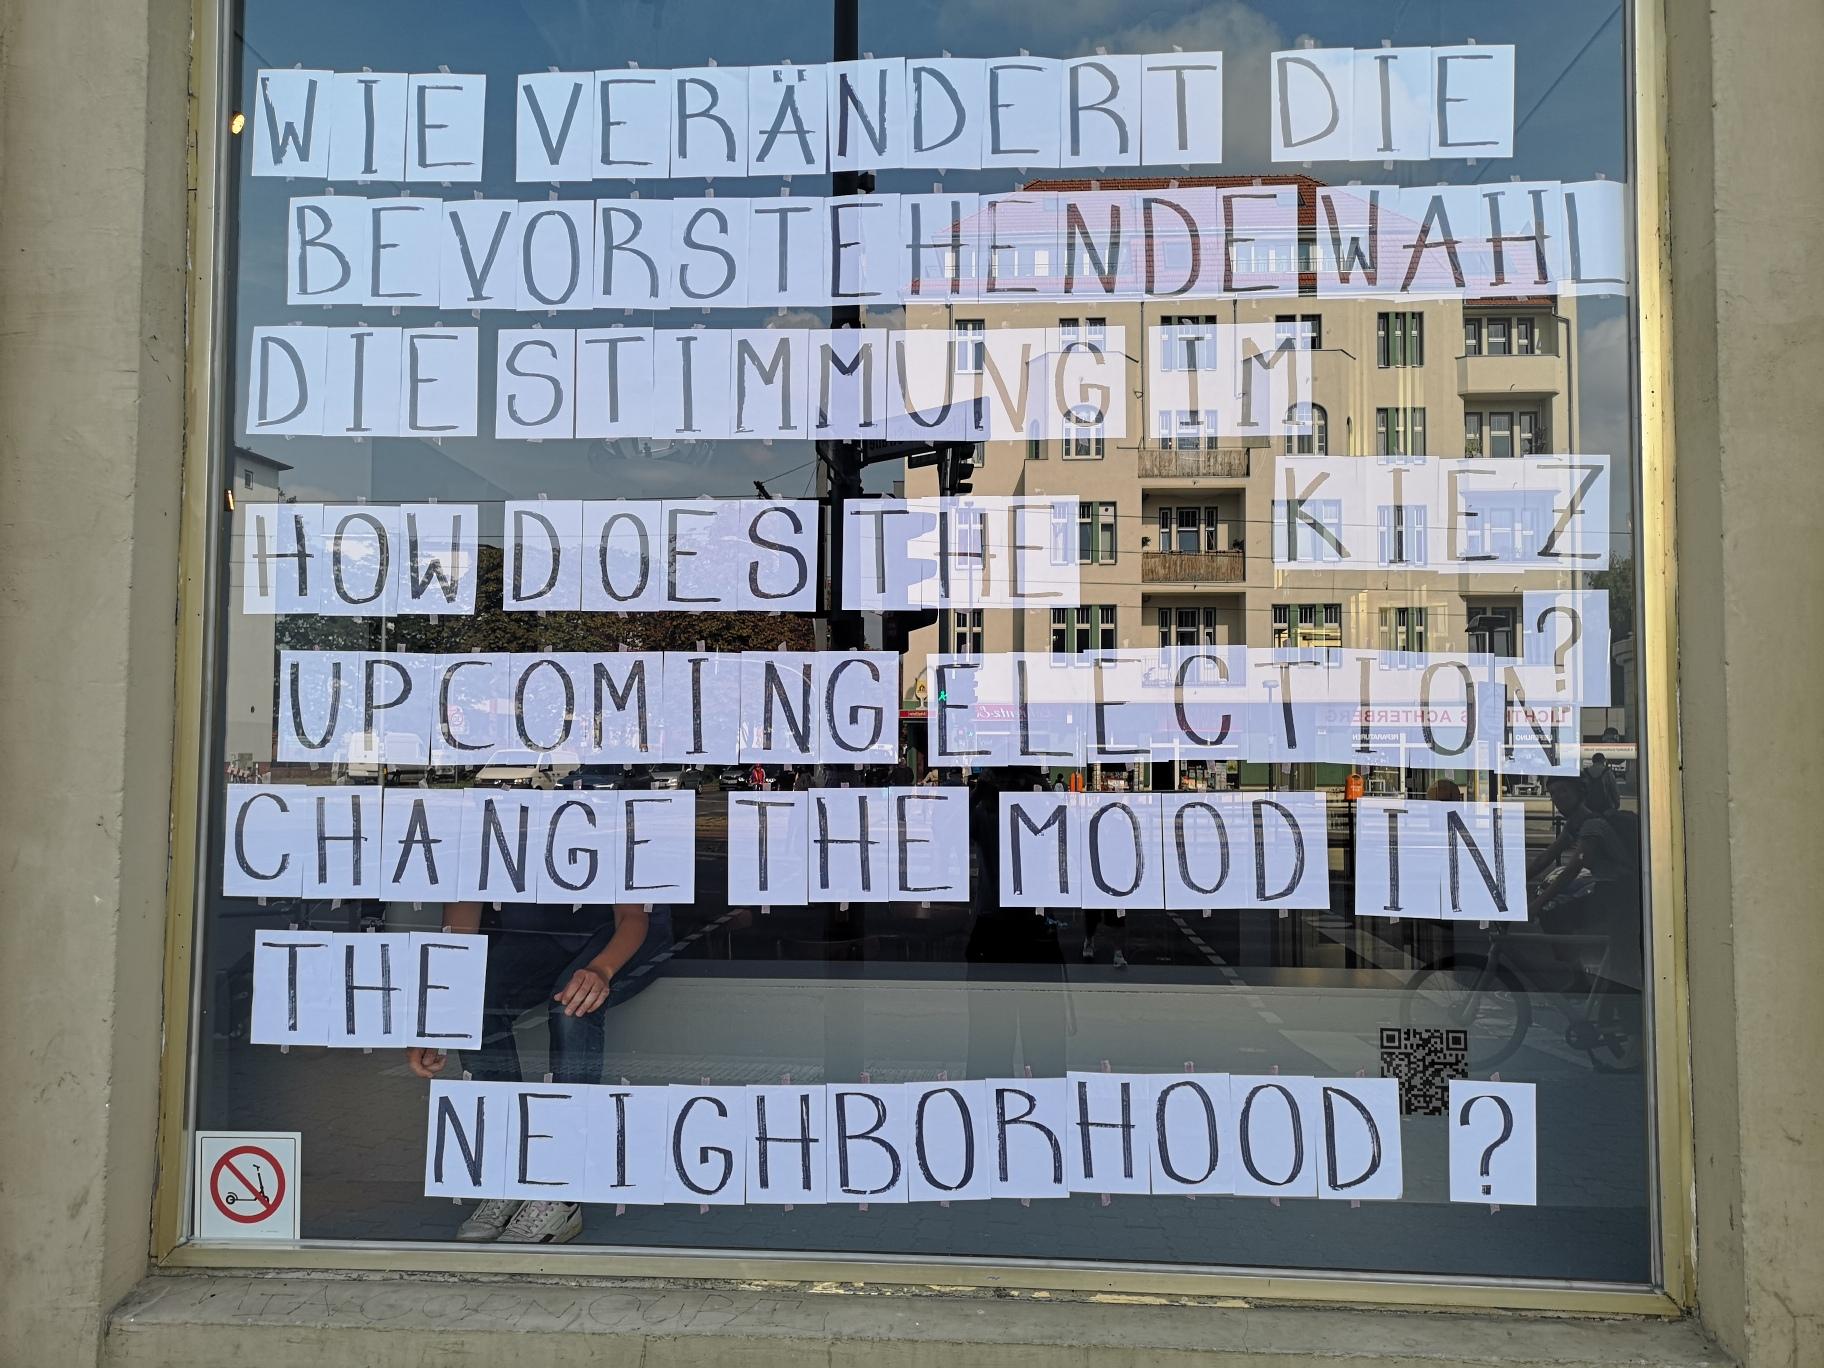 Schaufenster der Schaubude, auf dem auf einzelne Din-A4-Zetteln geschriebene Buchstaben zusammen die Frage ergeben: Wie verändert die bevorstehende Wahl die Stimmung im Kiez?